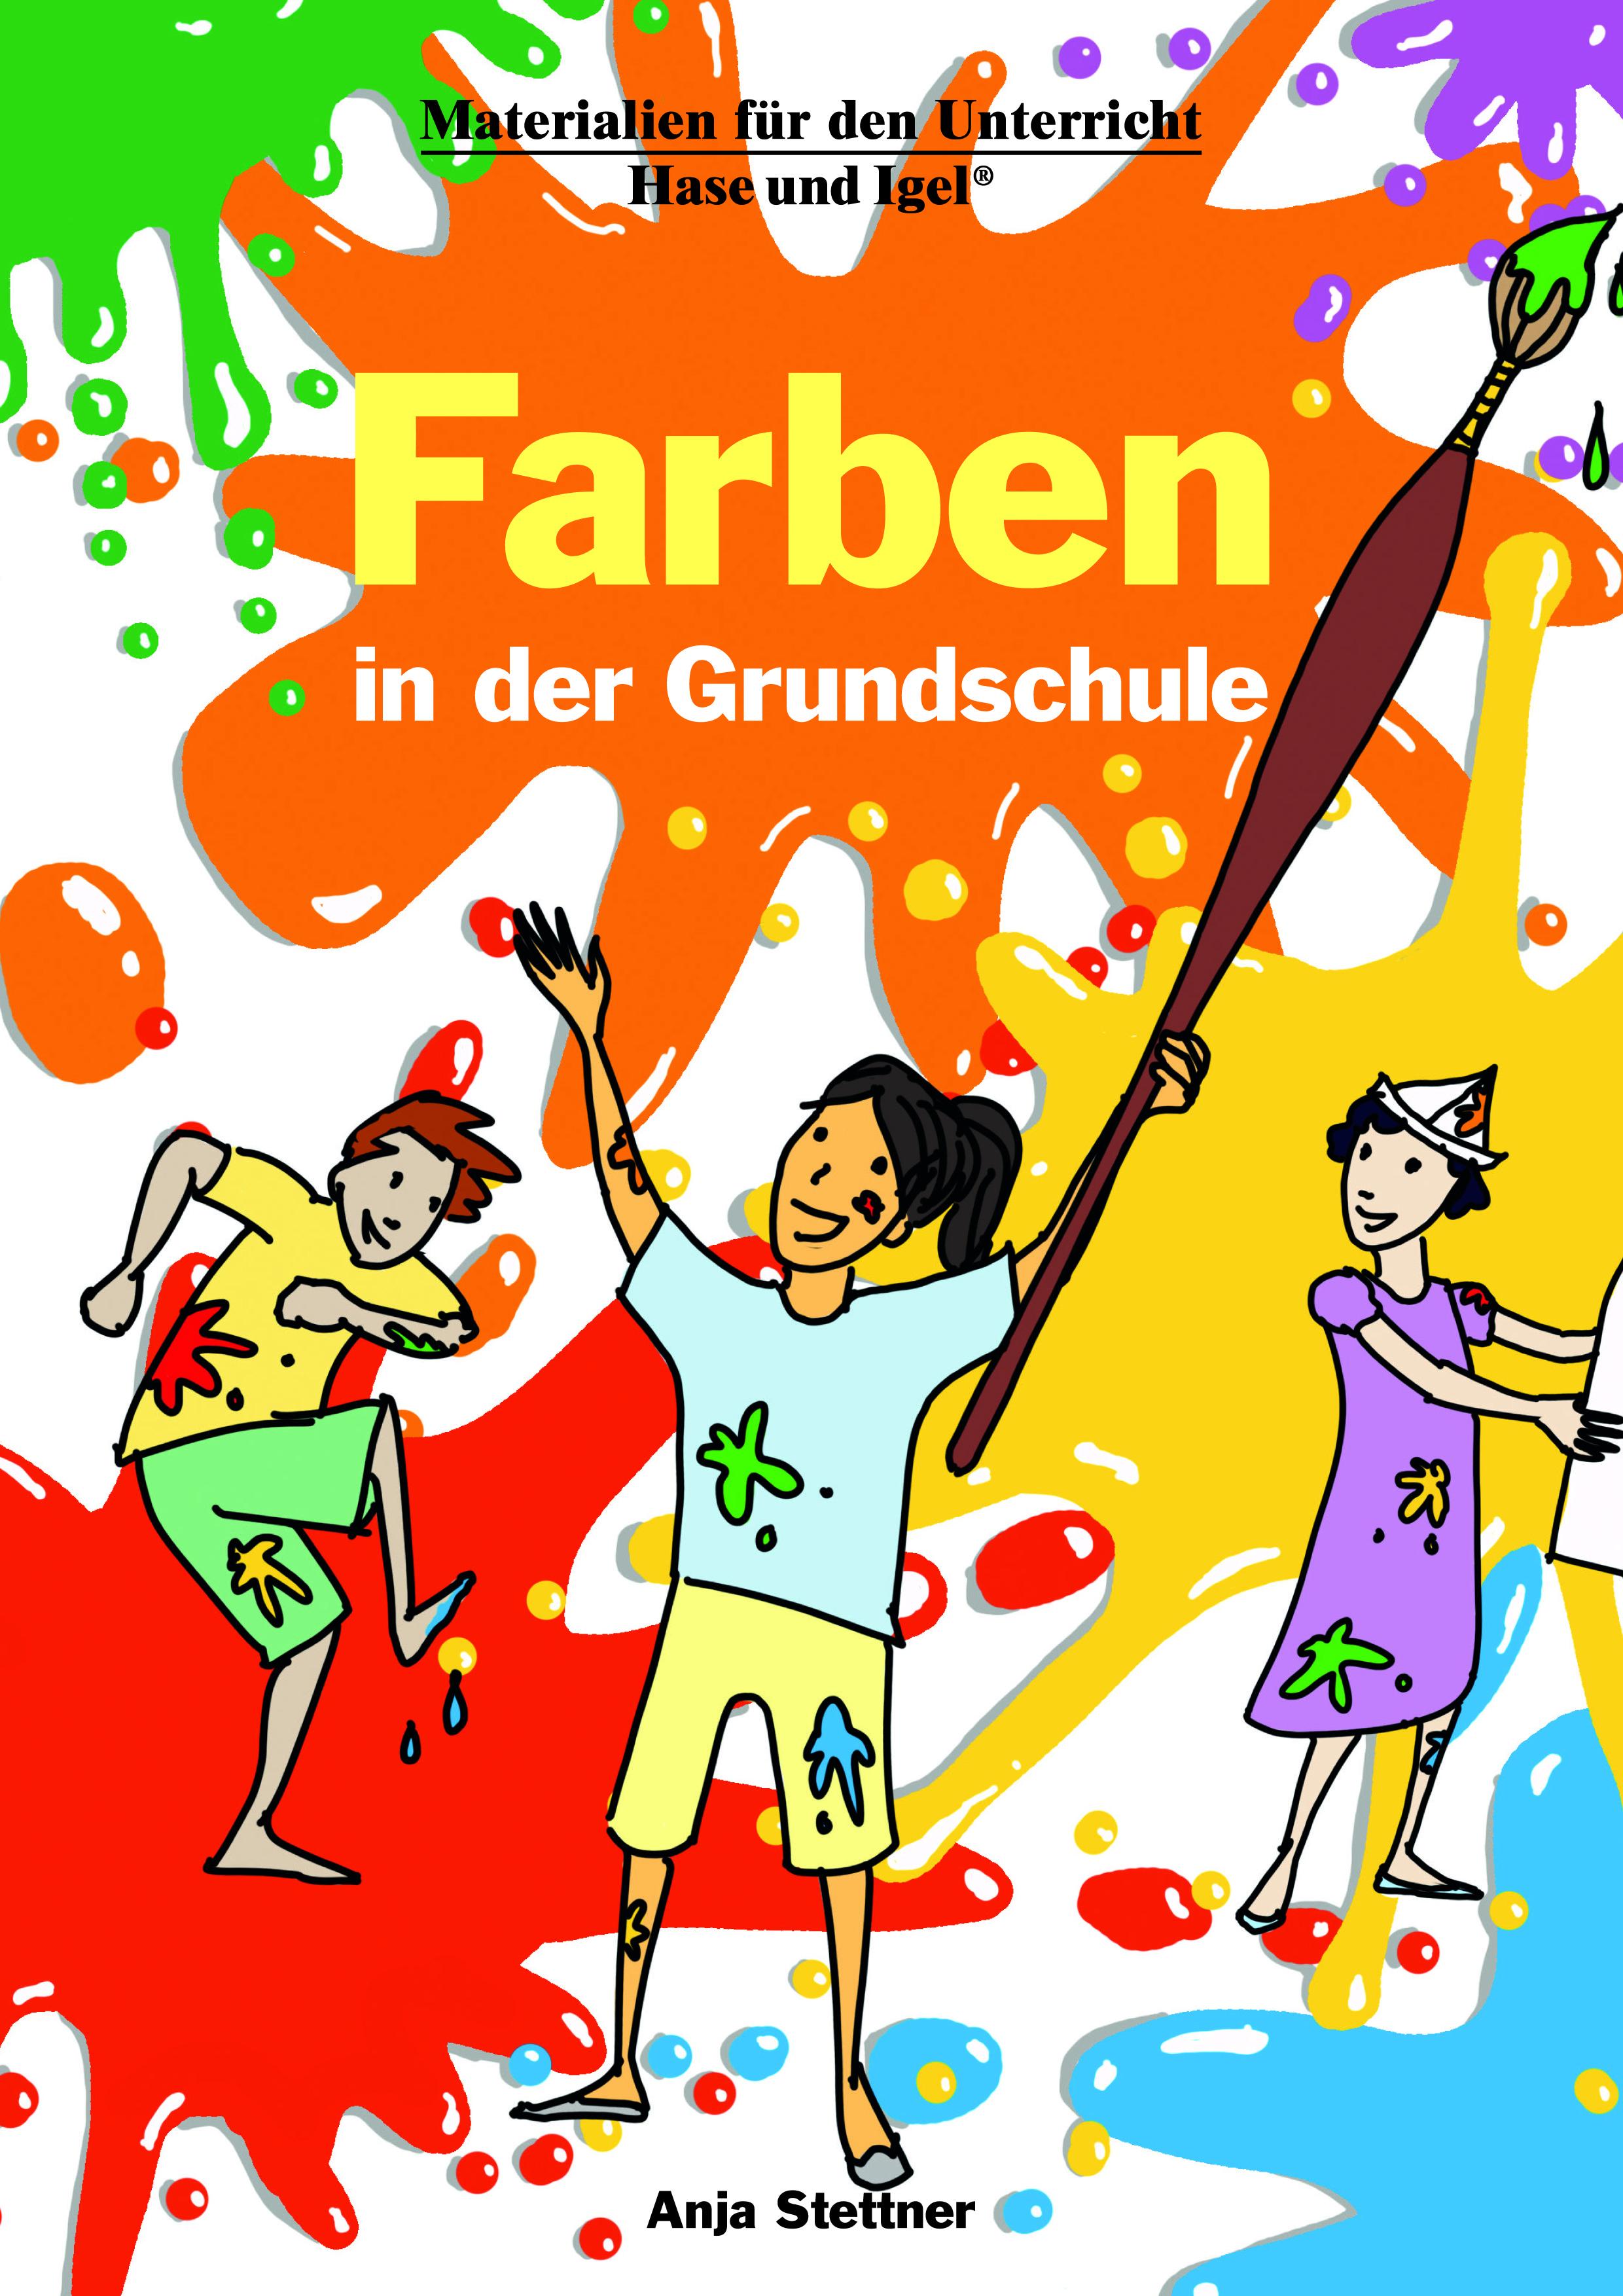 NEU Farben in der Grundschule Stettner Anja 609494